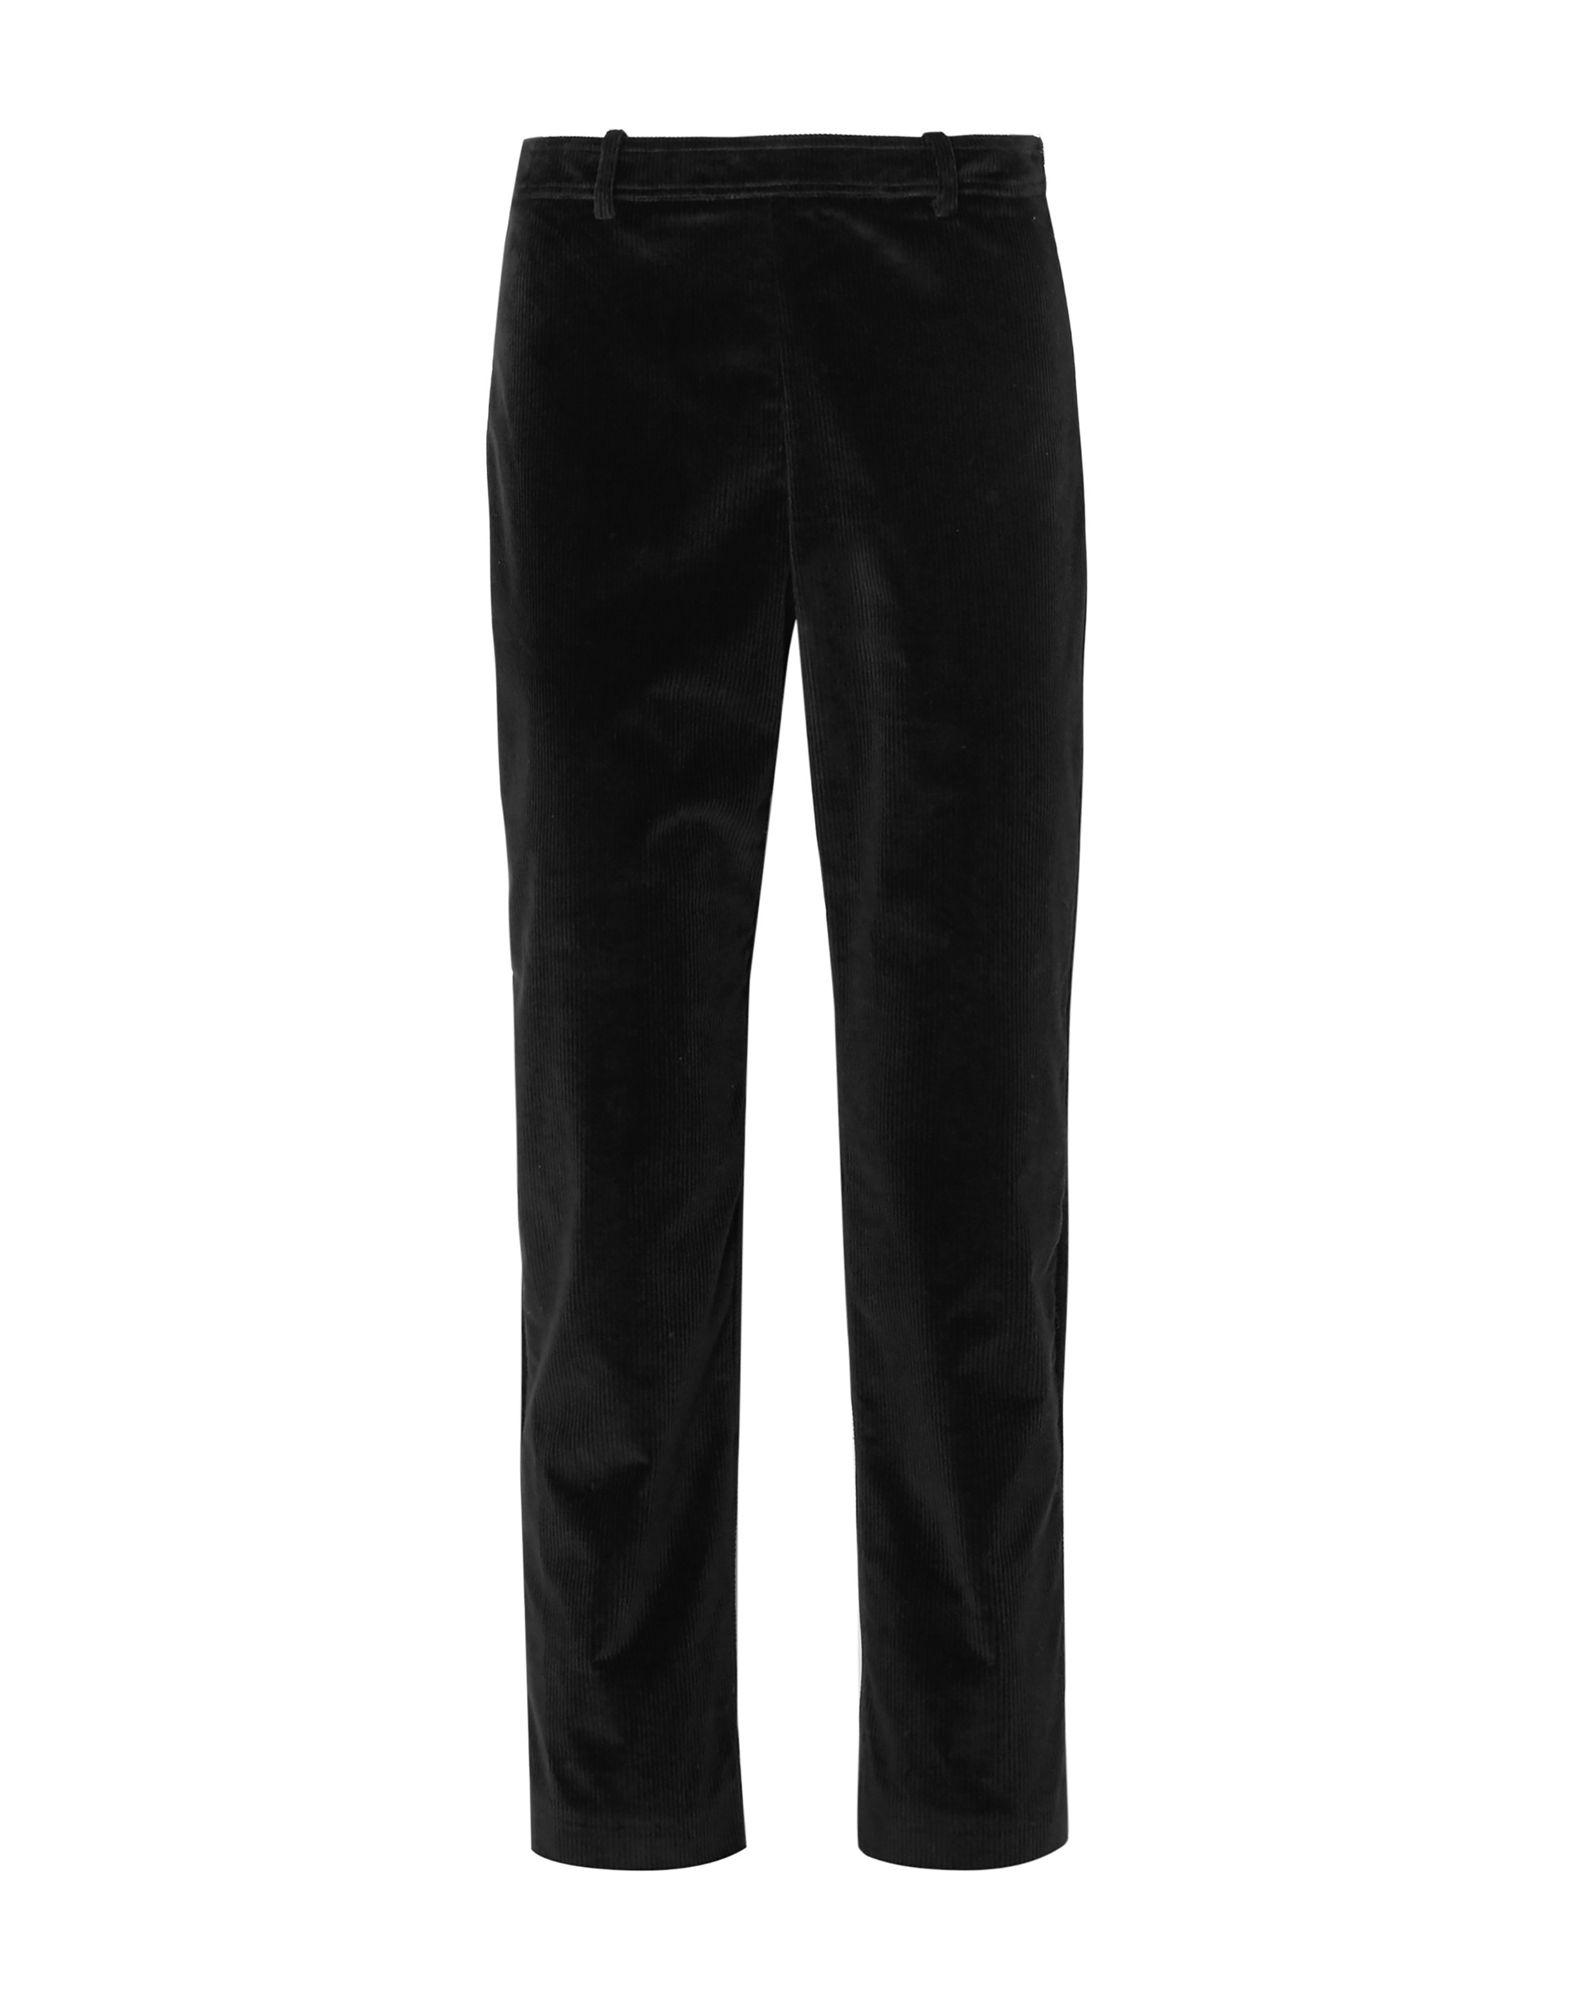 《セール開催中》ROLAND MOURET レディース パンツ ブラック 8 紡績繊維